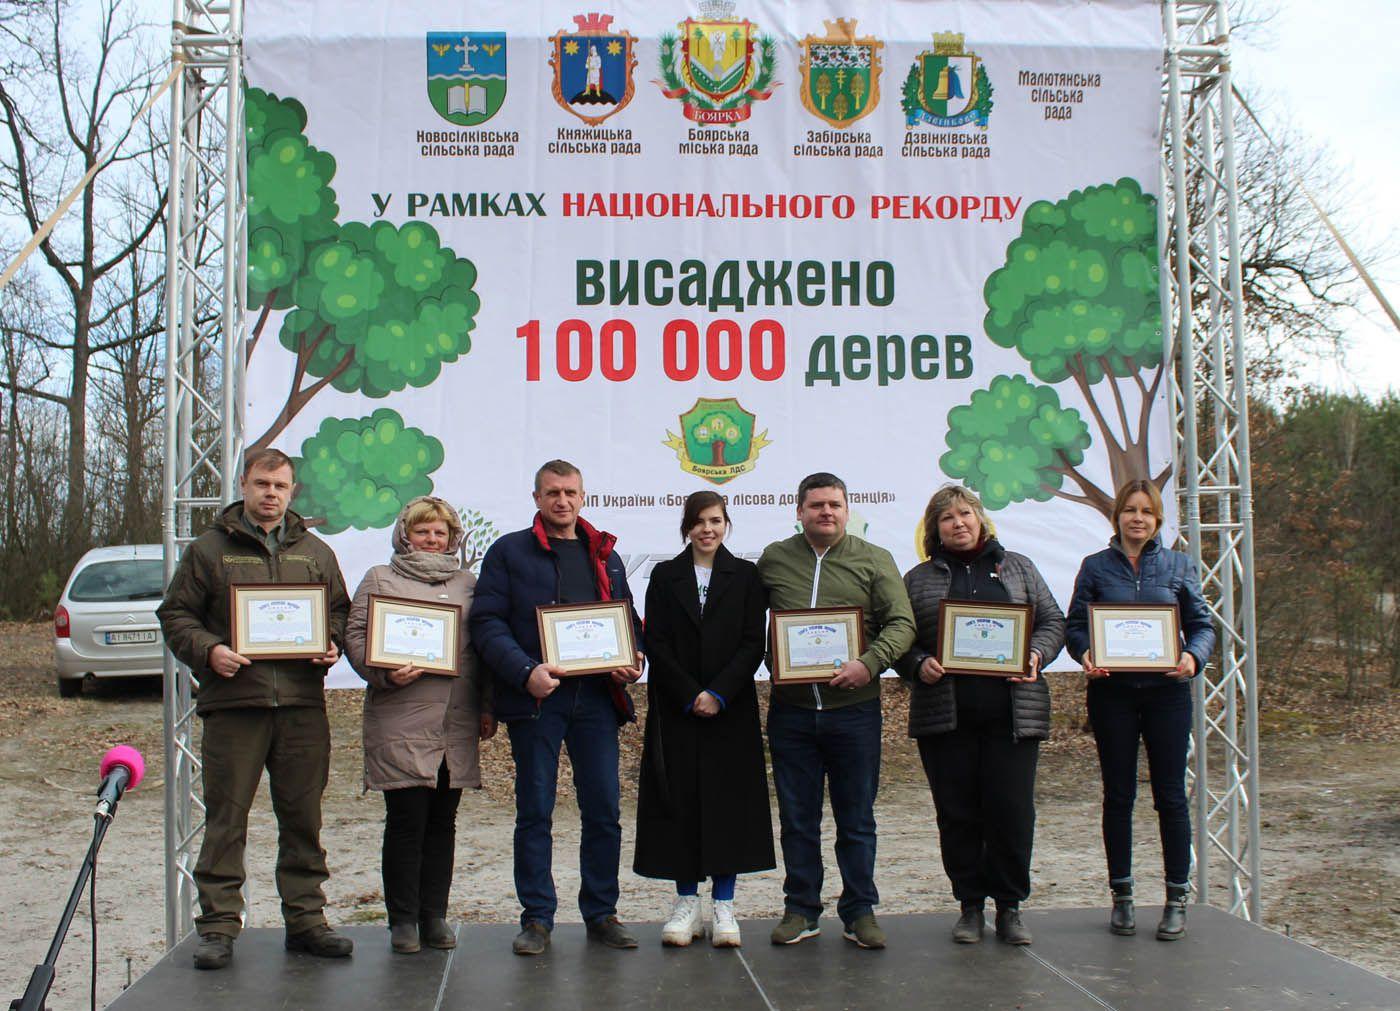 Боярці посадили дерева й встановили рекорд